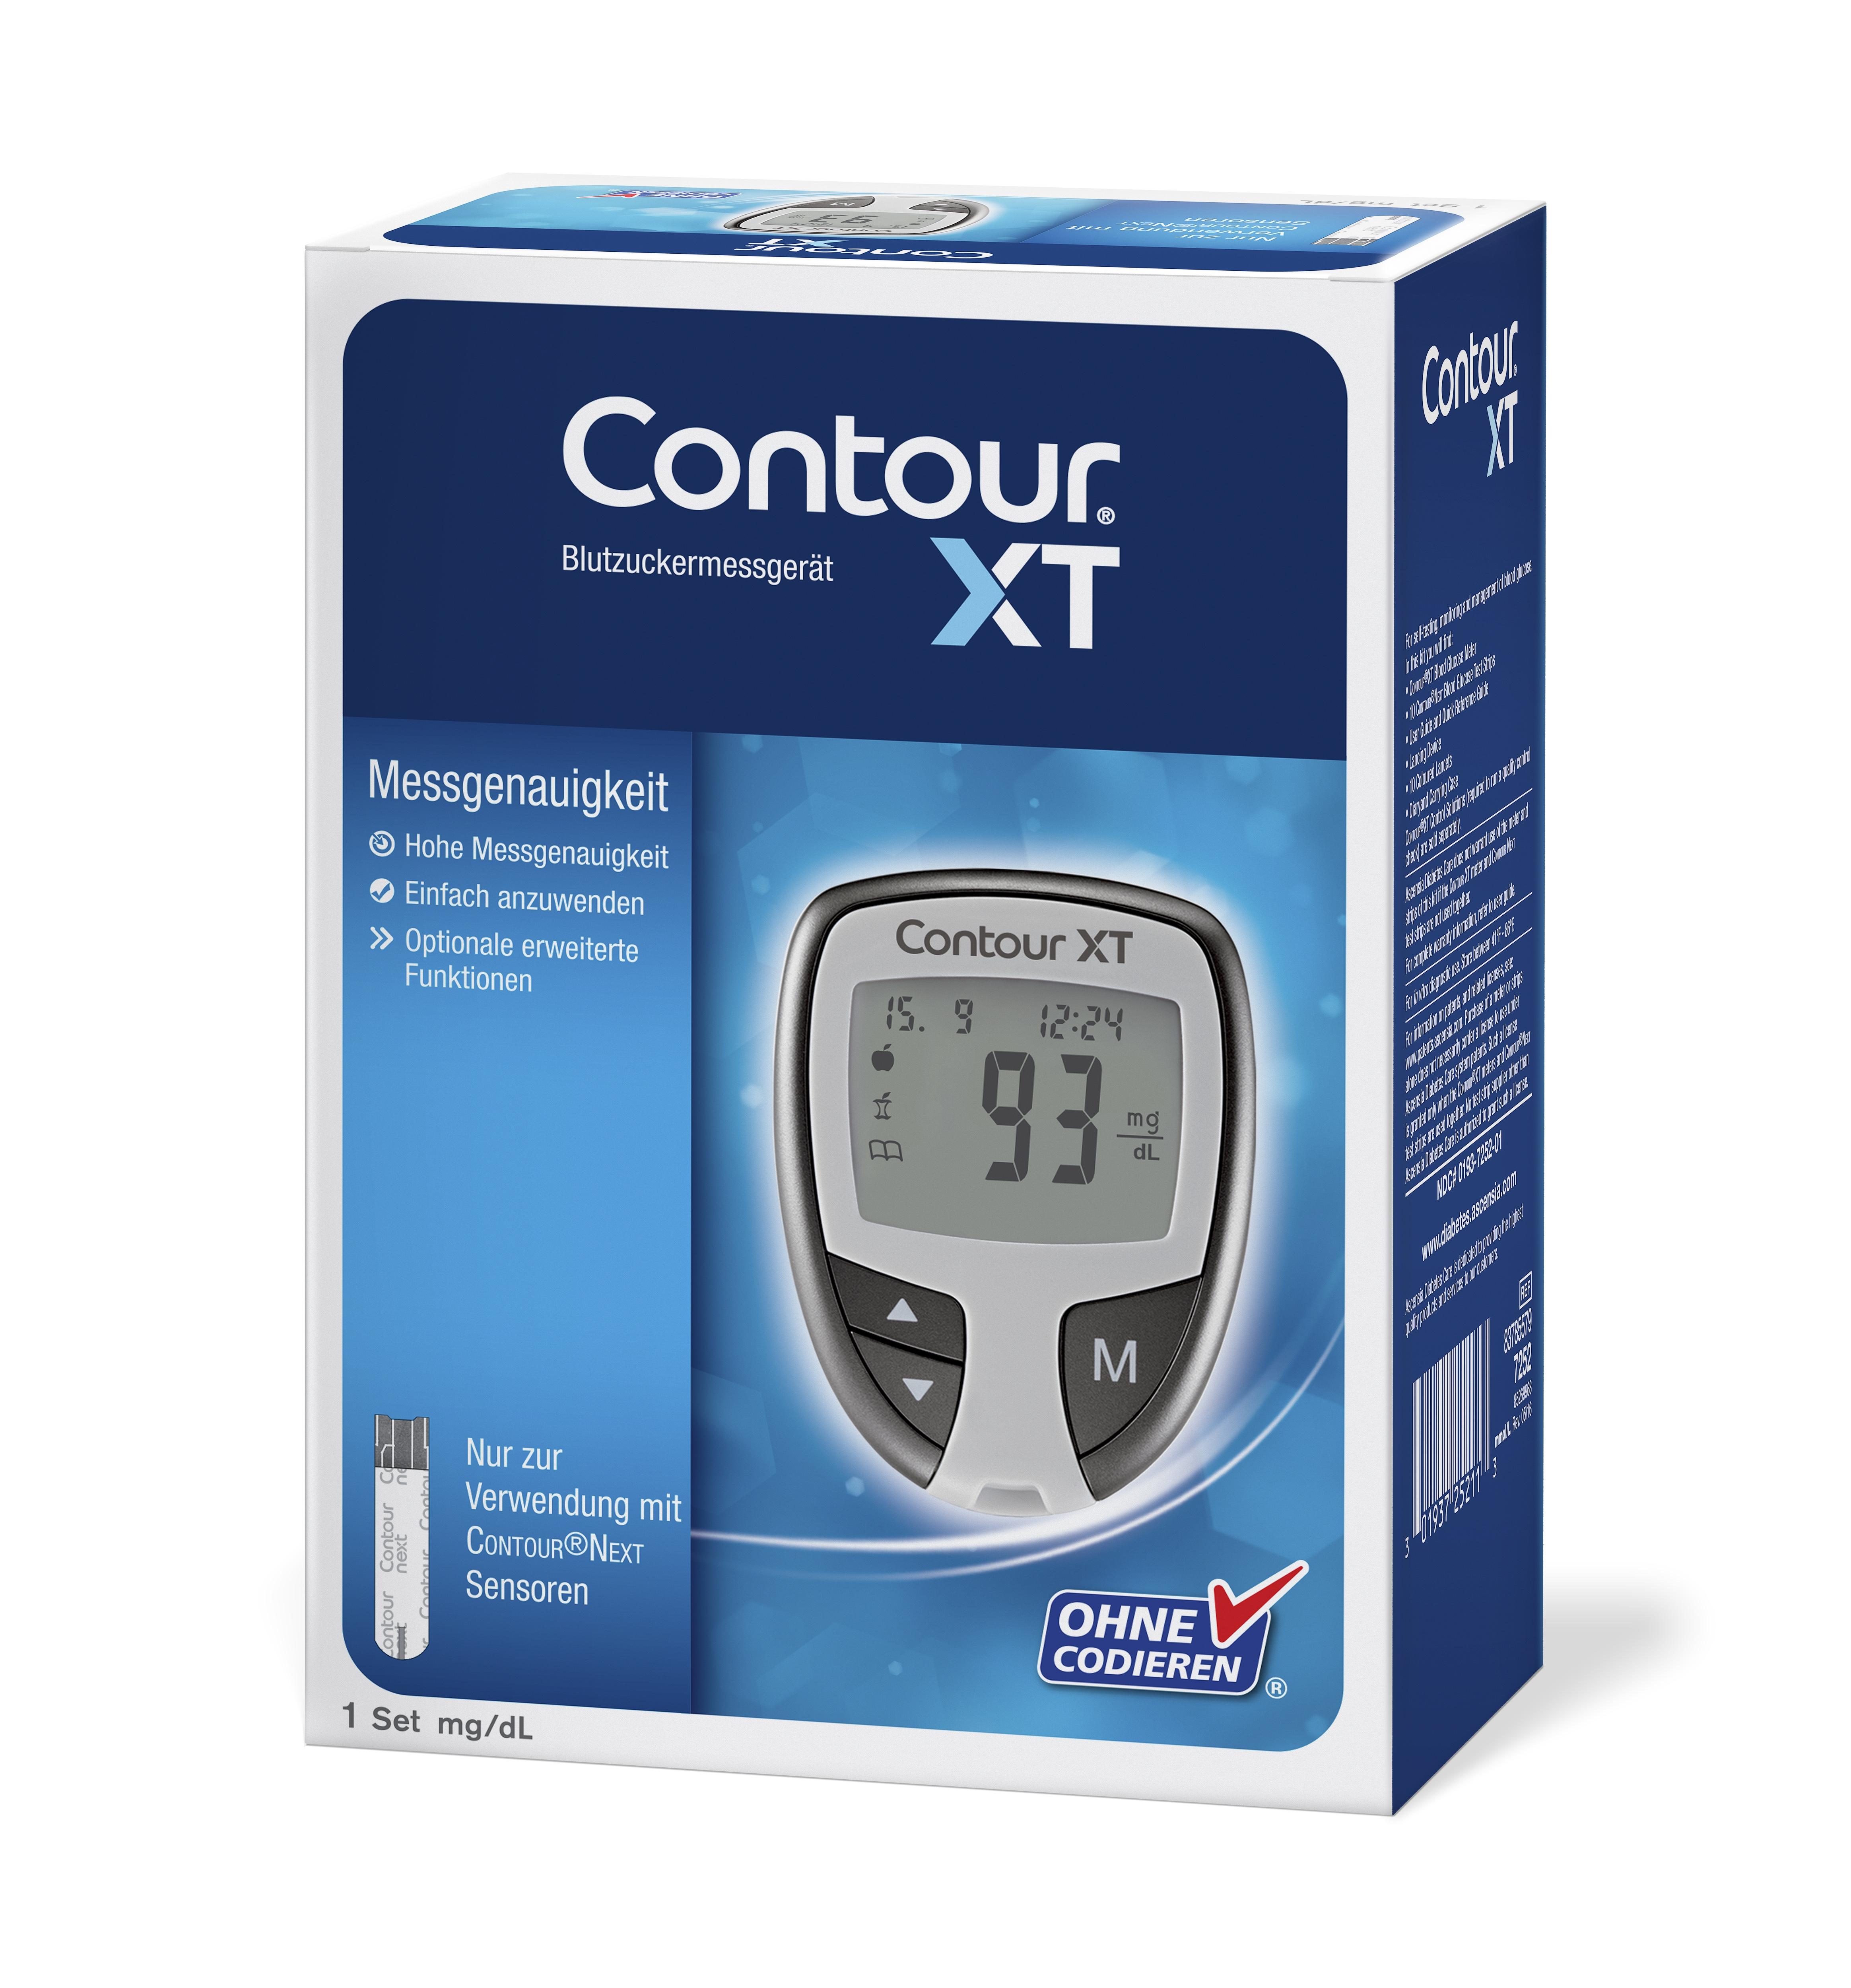 Contour XT Set mg/dl